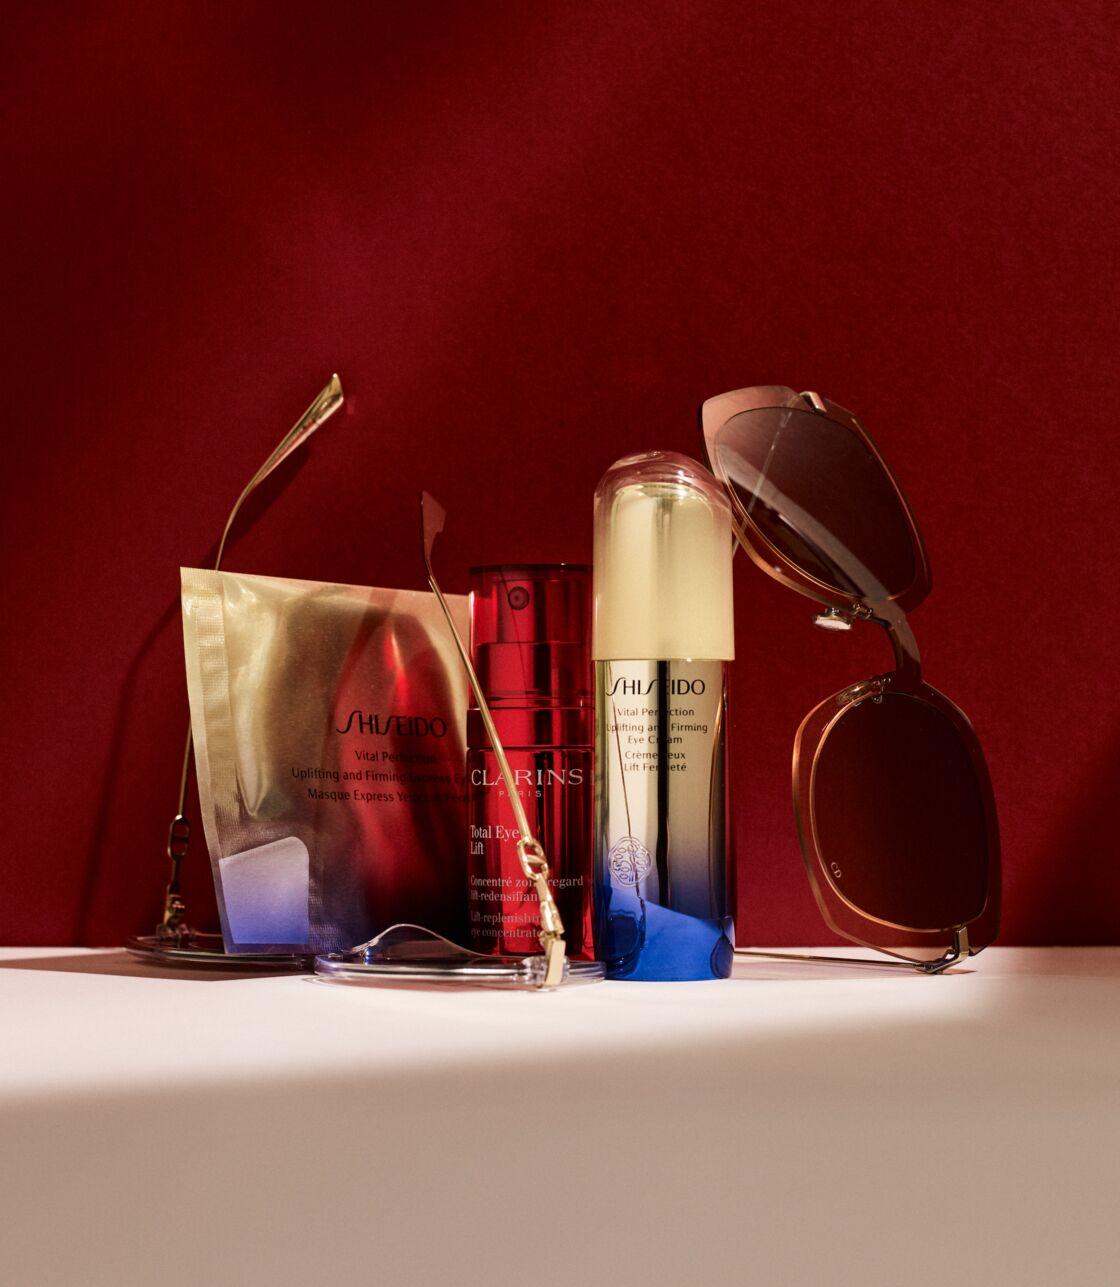 OEIL POUR OEIL Crème et Masque Express Yeux Lift Fermeté Vital Perfection, Shiseido ; Concentré Zone Regard Lift Densifiant Total Eye Lift, Clarins. Lunettes Christian Dior.